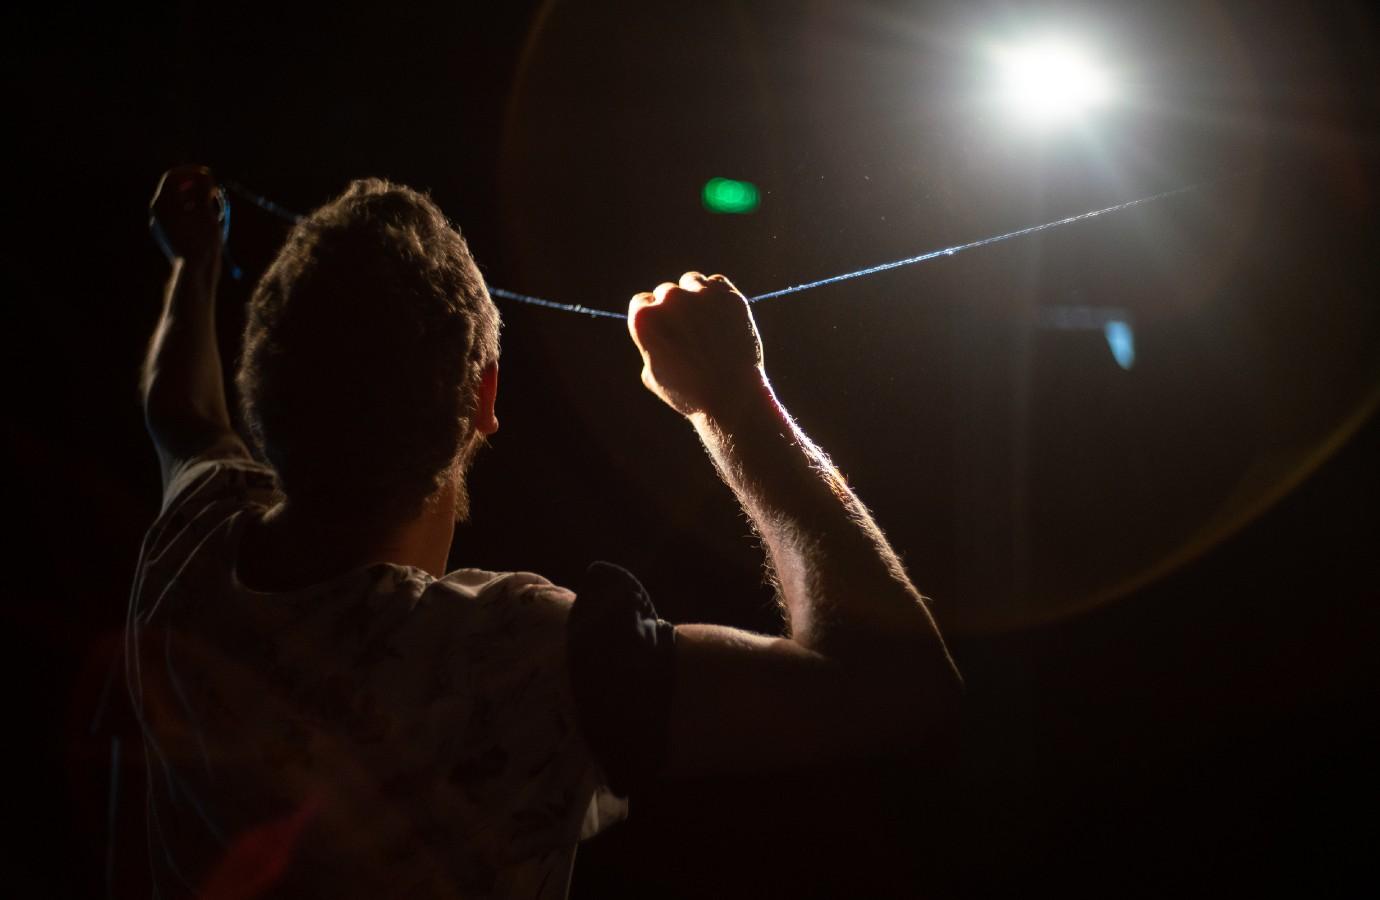 Eduard Gabia – de la dans contemporan și performance art la film, muzică și înapoi pe scena CNDB, sau artistul care își revizitează propriul traseu coregrafic în trei lucrări care au marcat istoria recentă a dansului contemporan